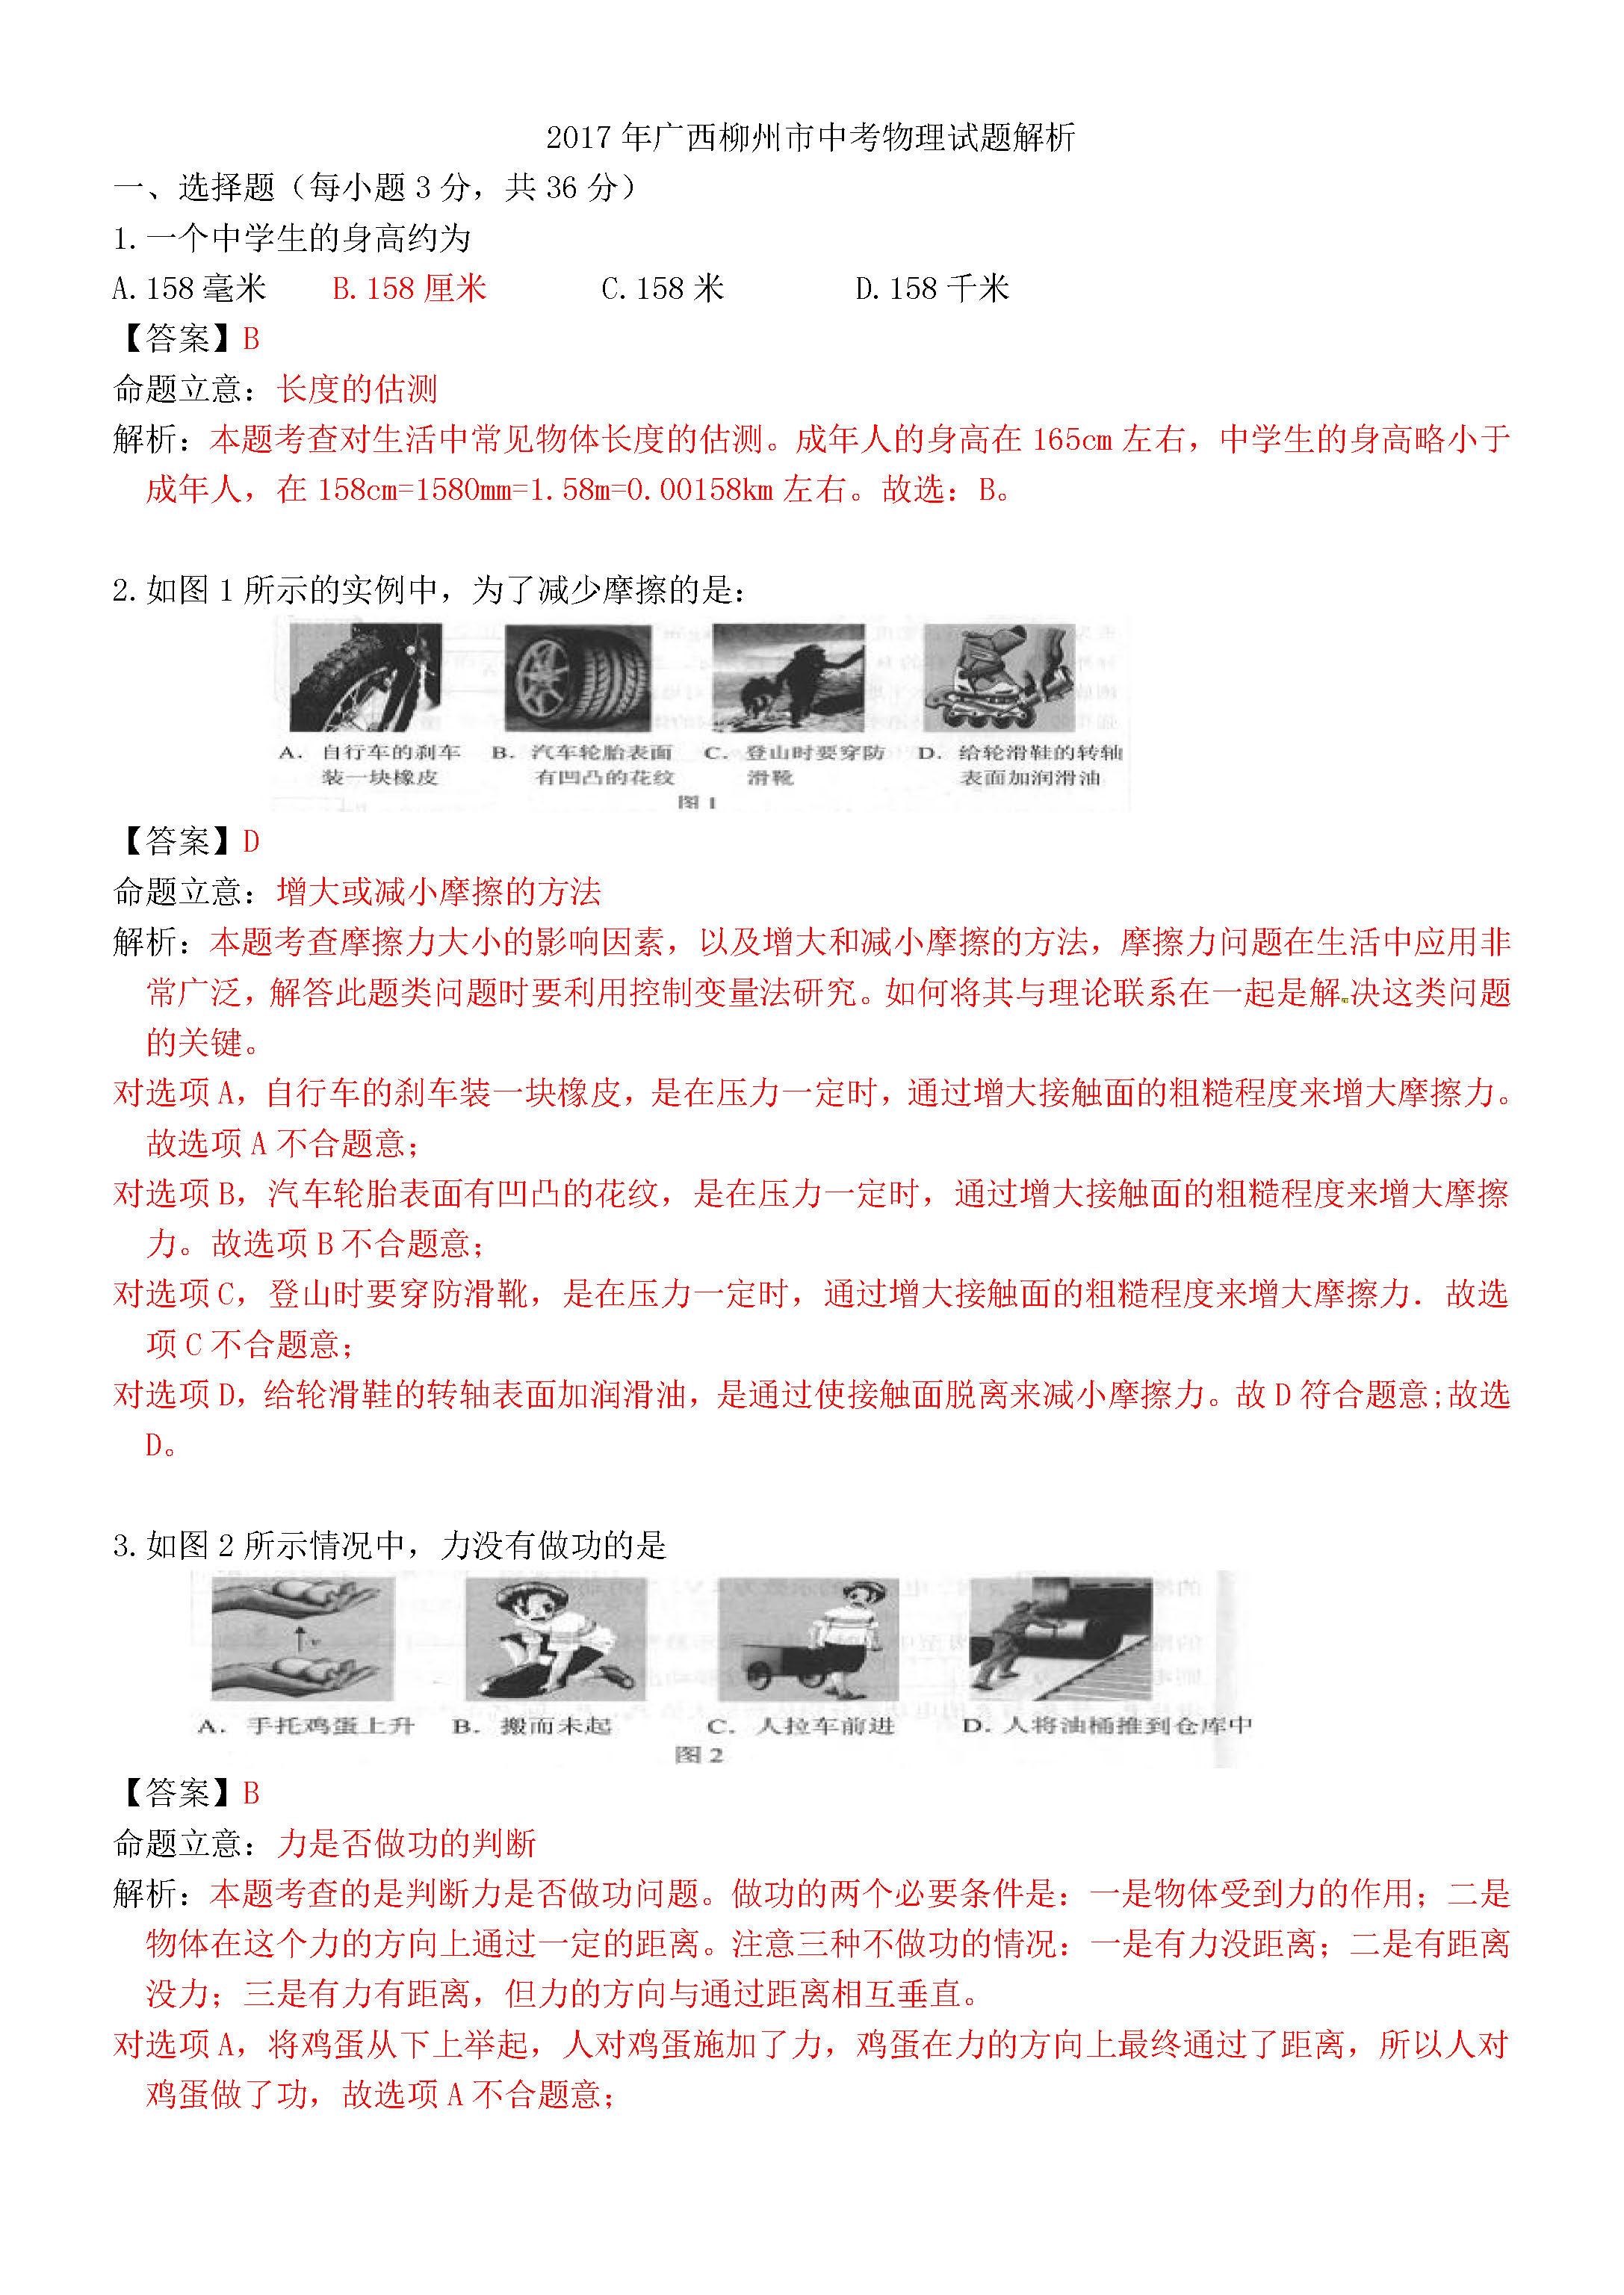 2017柳州中考物理试题及答案解析(word版含答案)